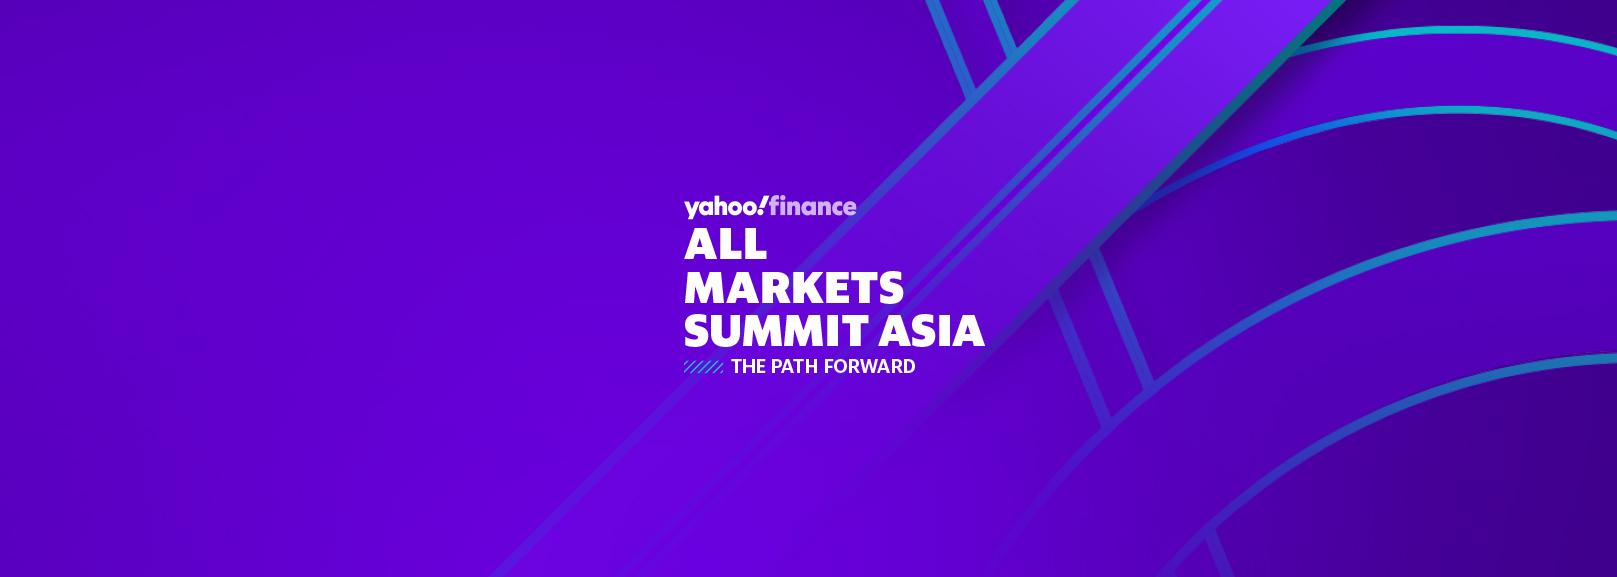 All Markets Summit